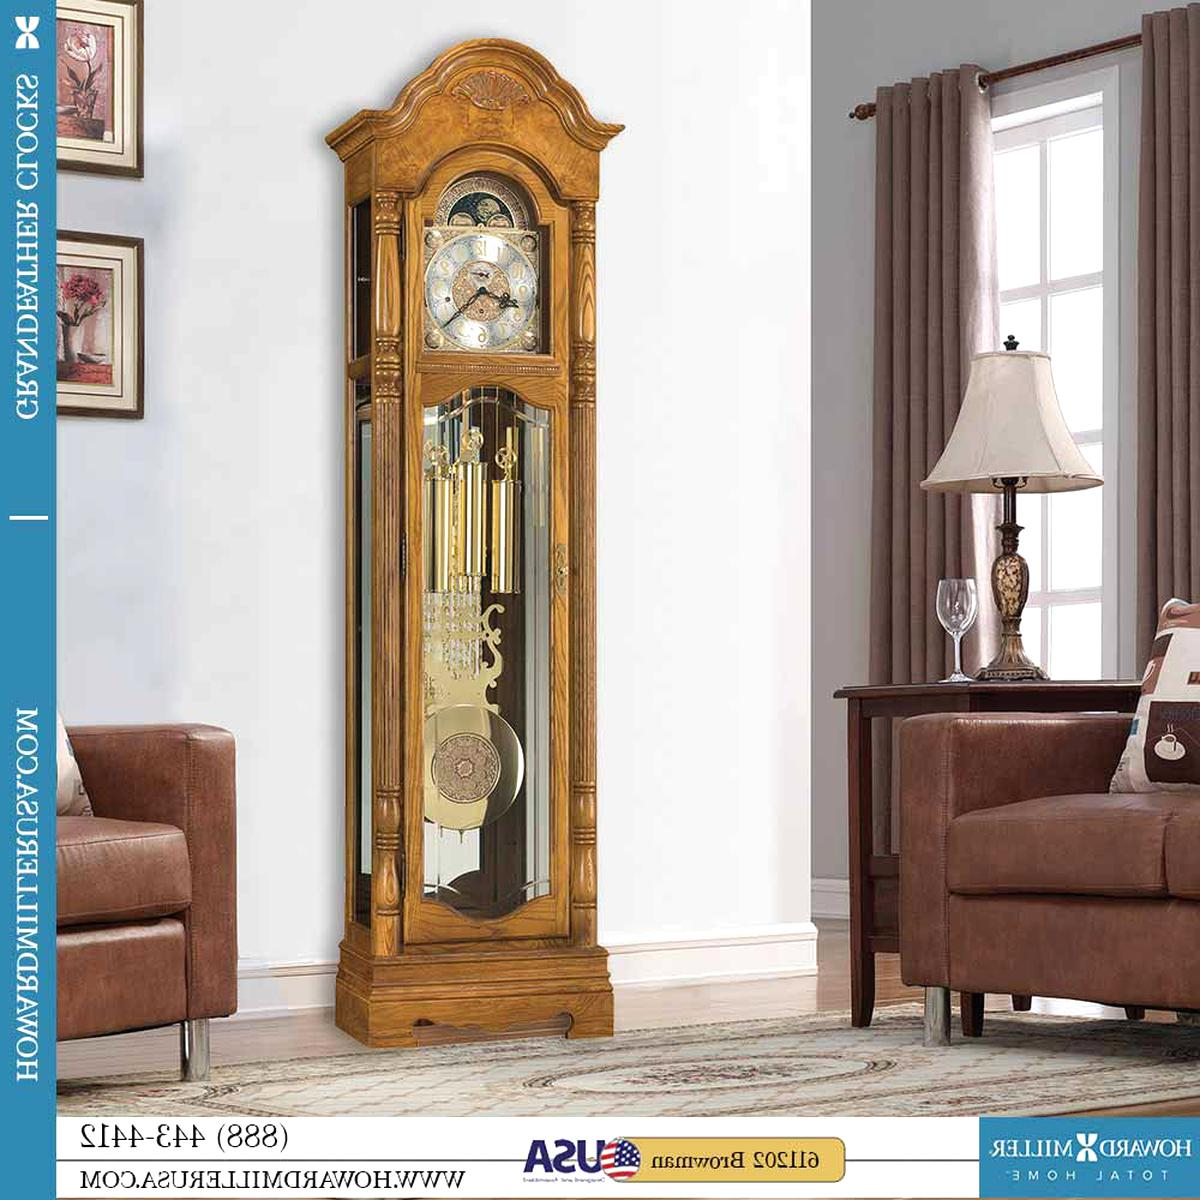 Floor Clock Howard Miller For Sale Only 4 Left At 70